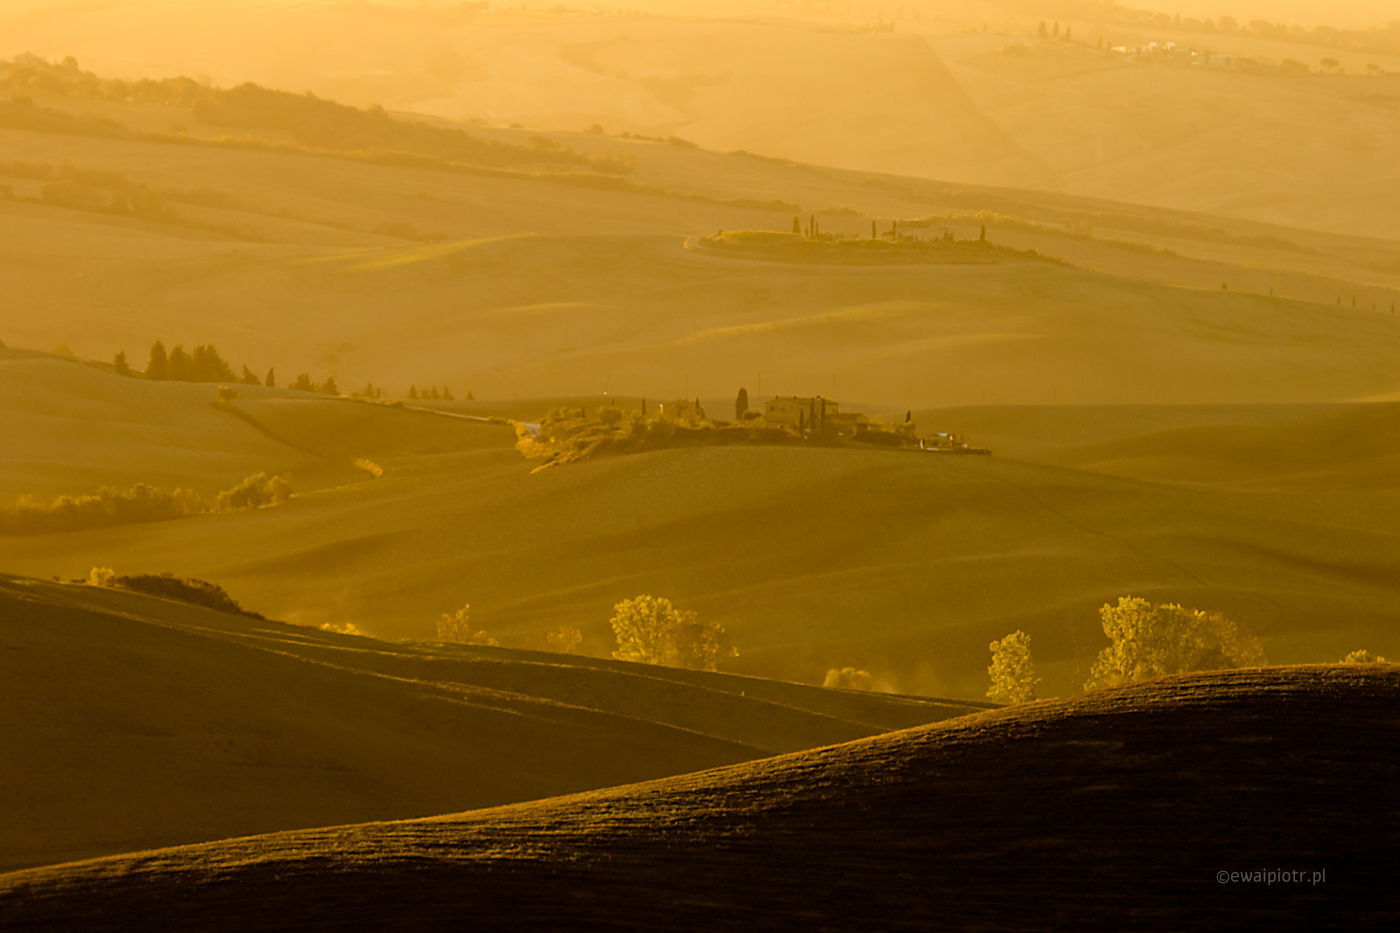 Wzgórza Toskanii, jak wybrać plener fotograficzny, plener otwarty czy punkt widokowy